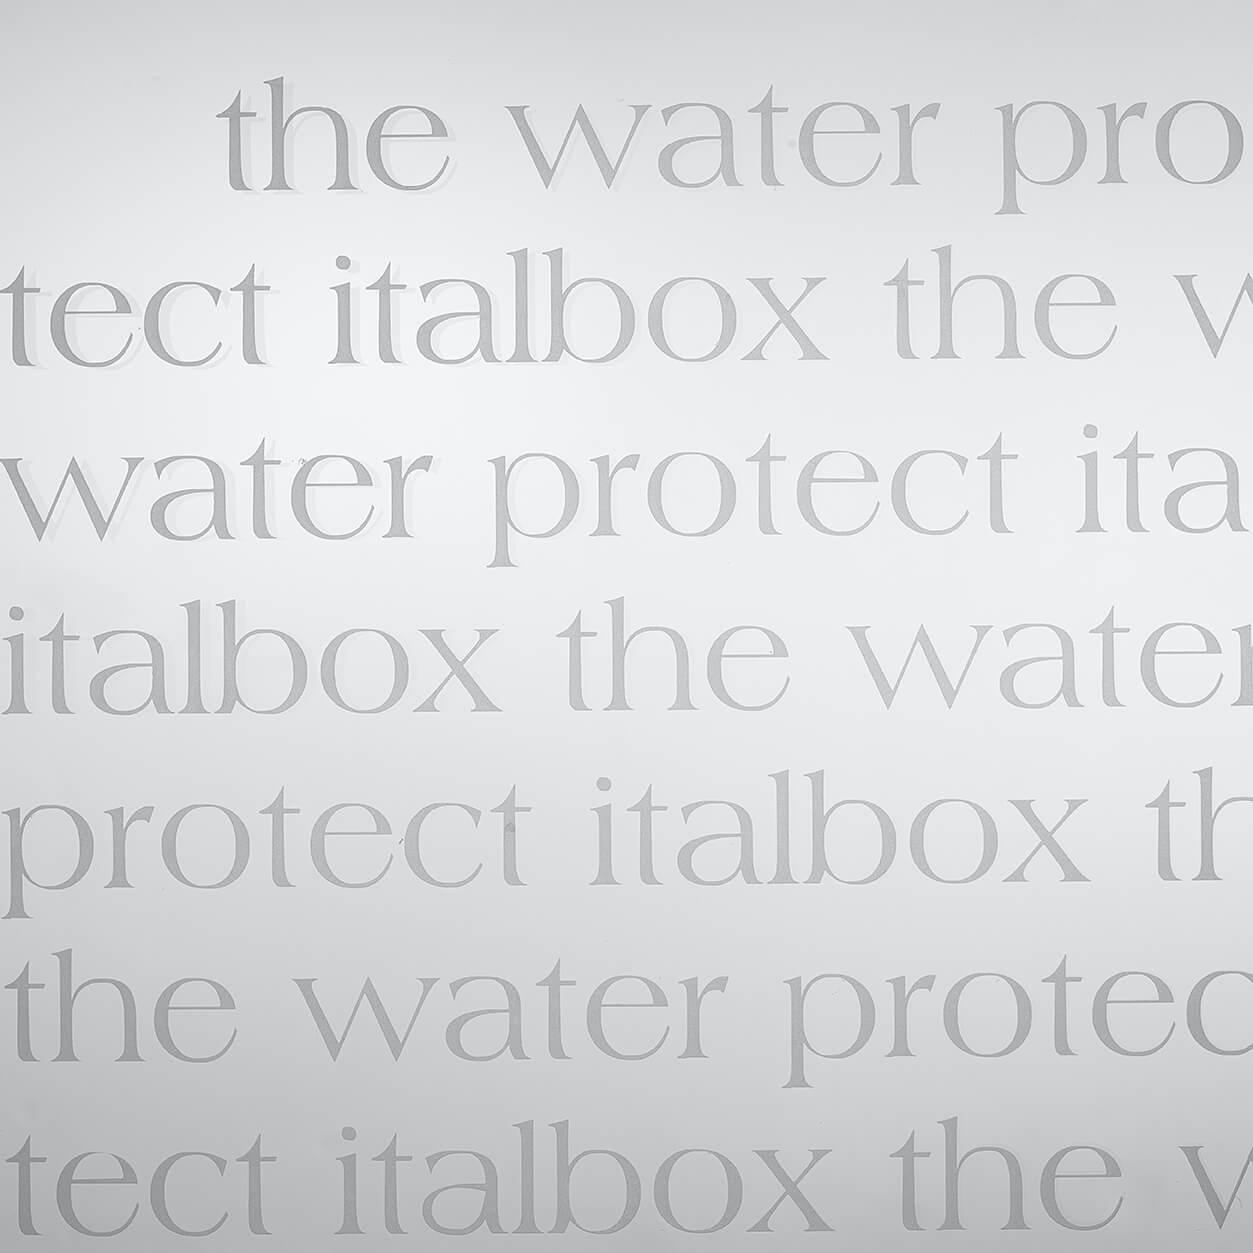 serigrafia-standard-vs-water-protect